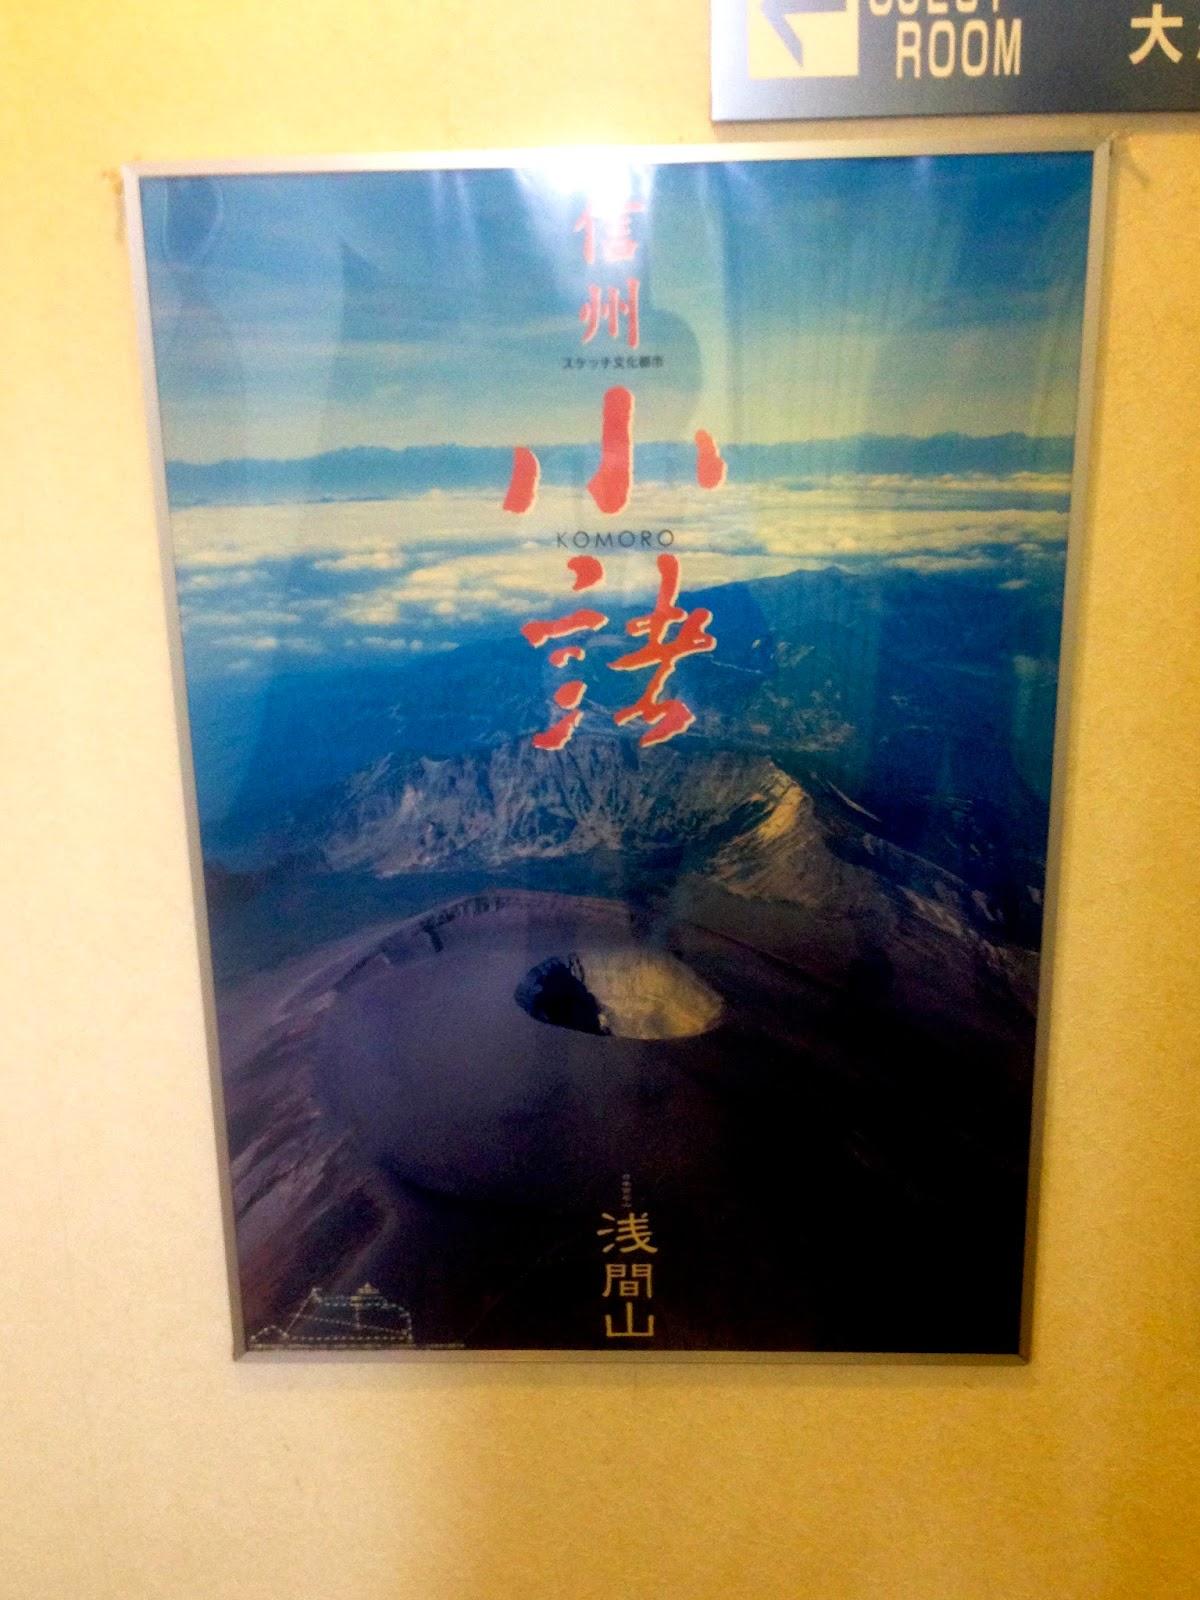 上から見た浅間山ポスター